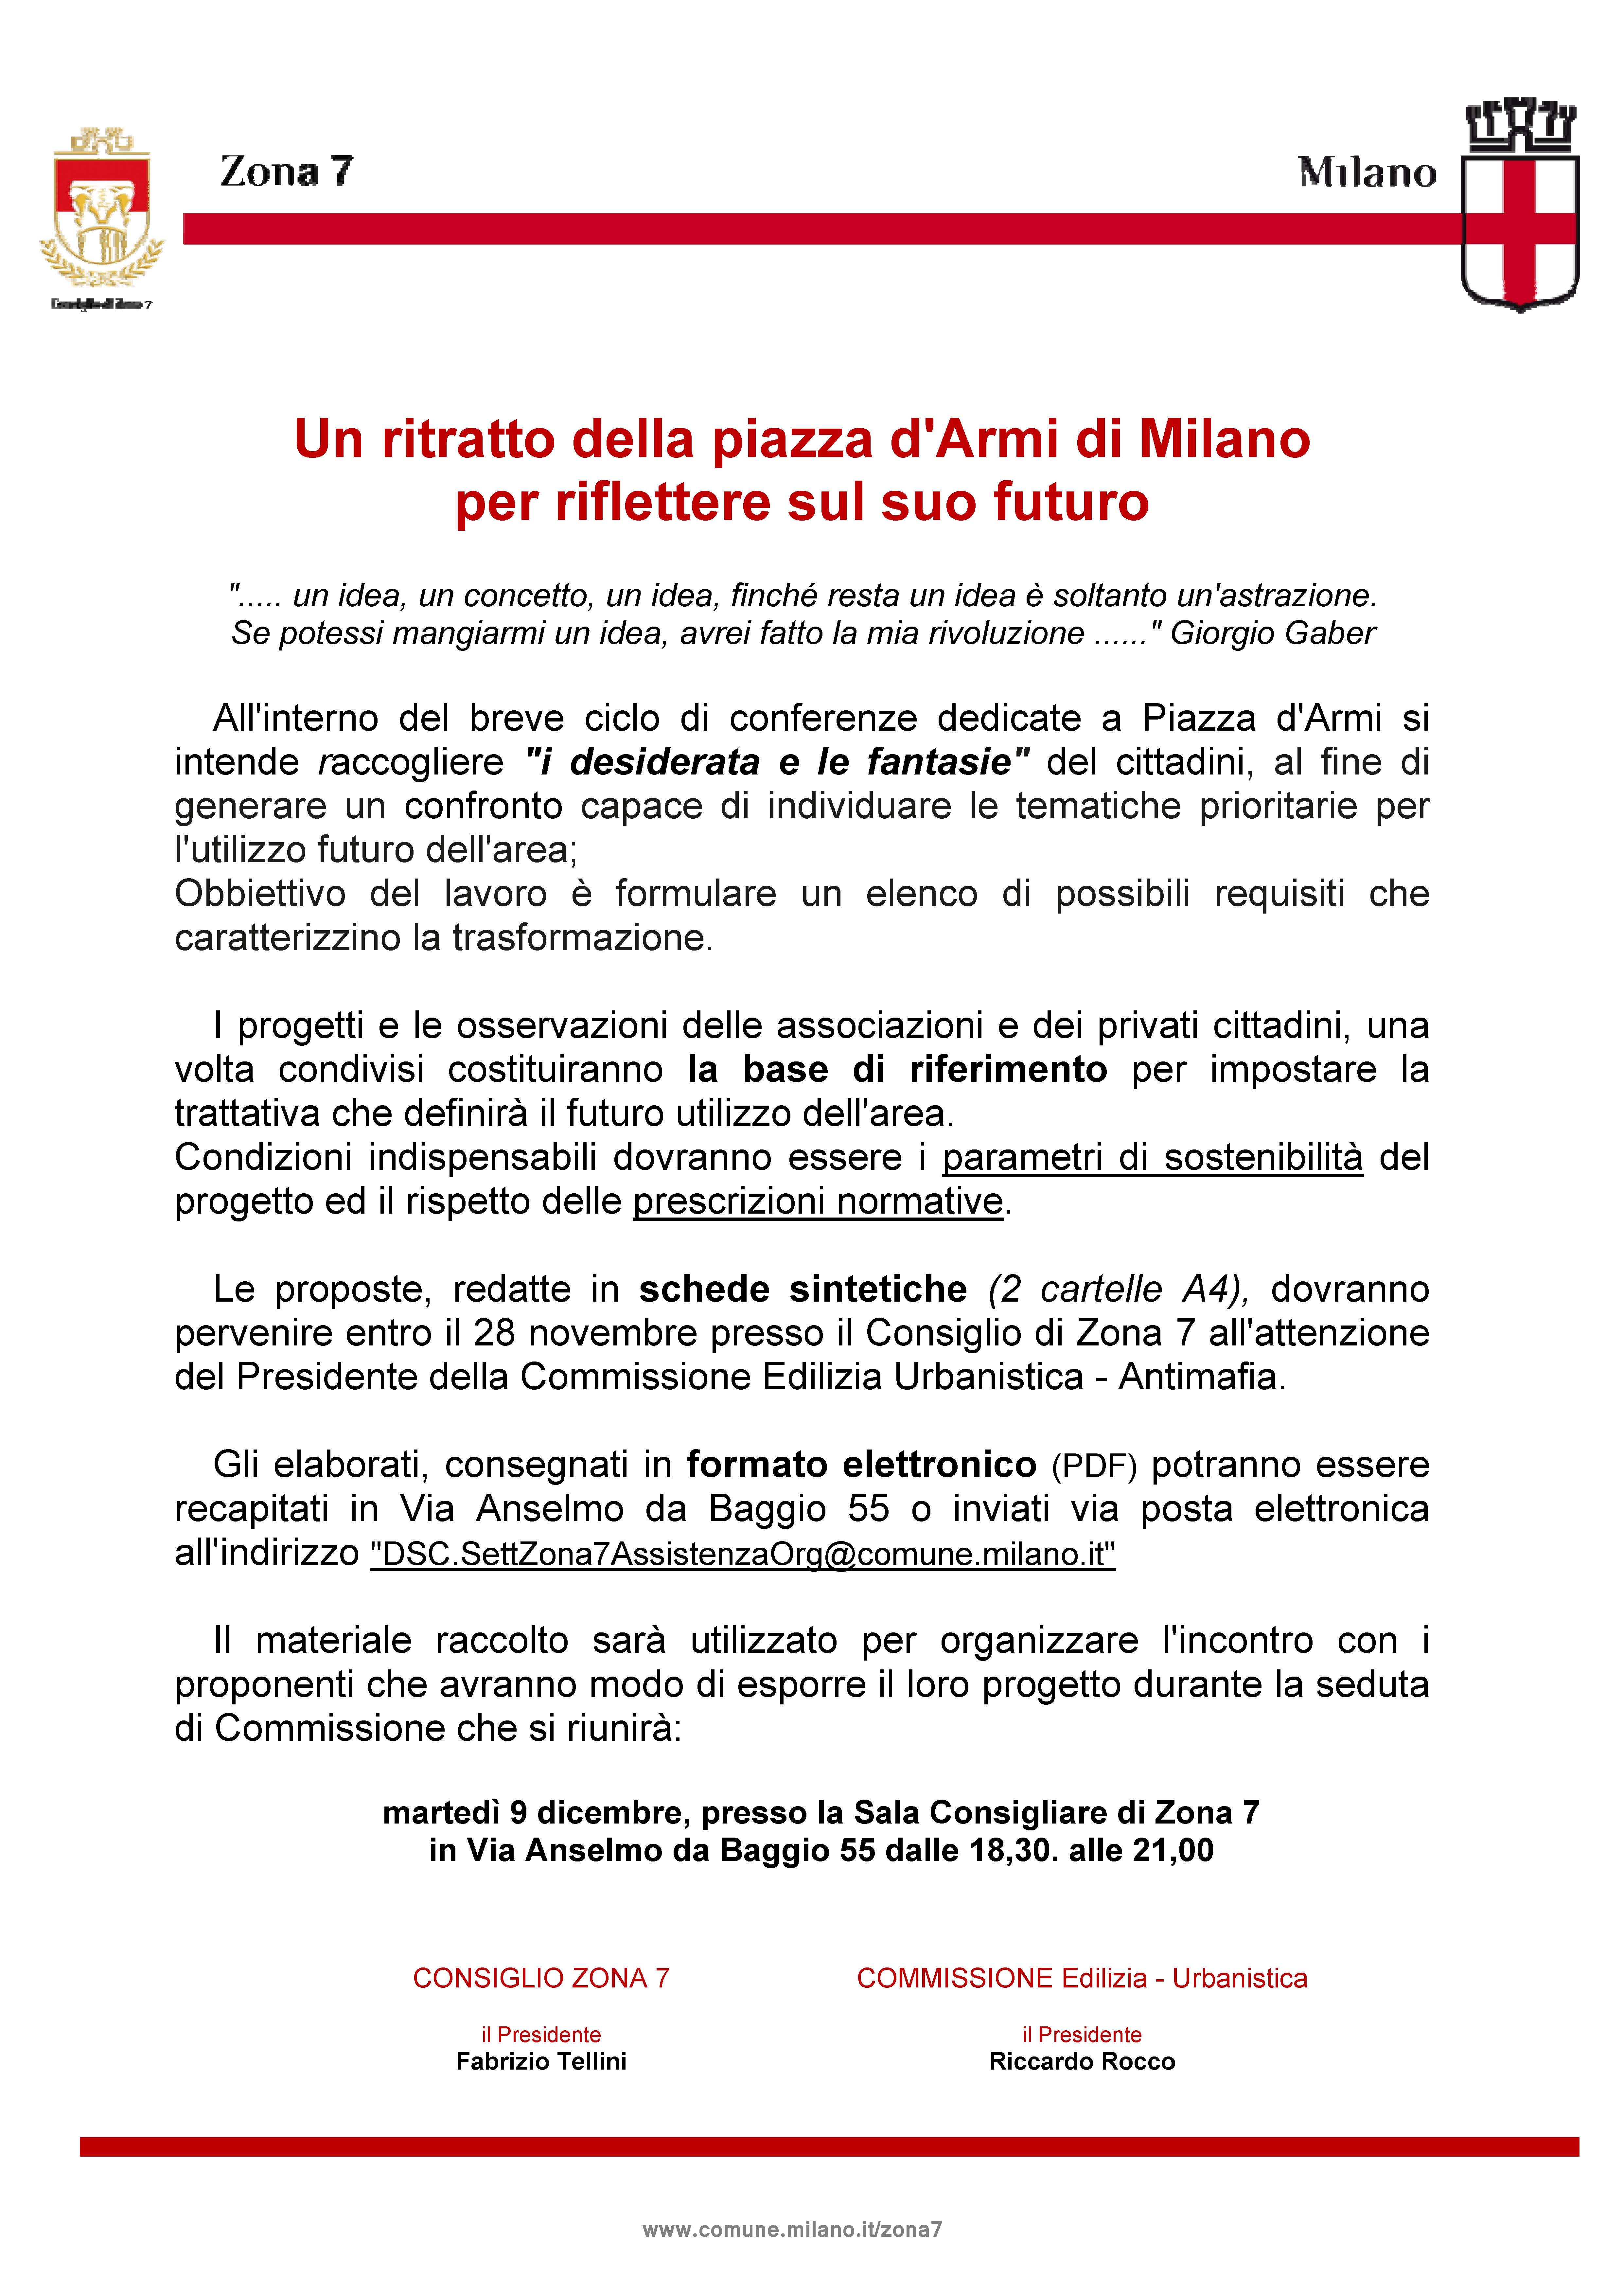 lettrea p.za d'Armi b